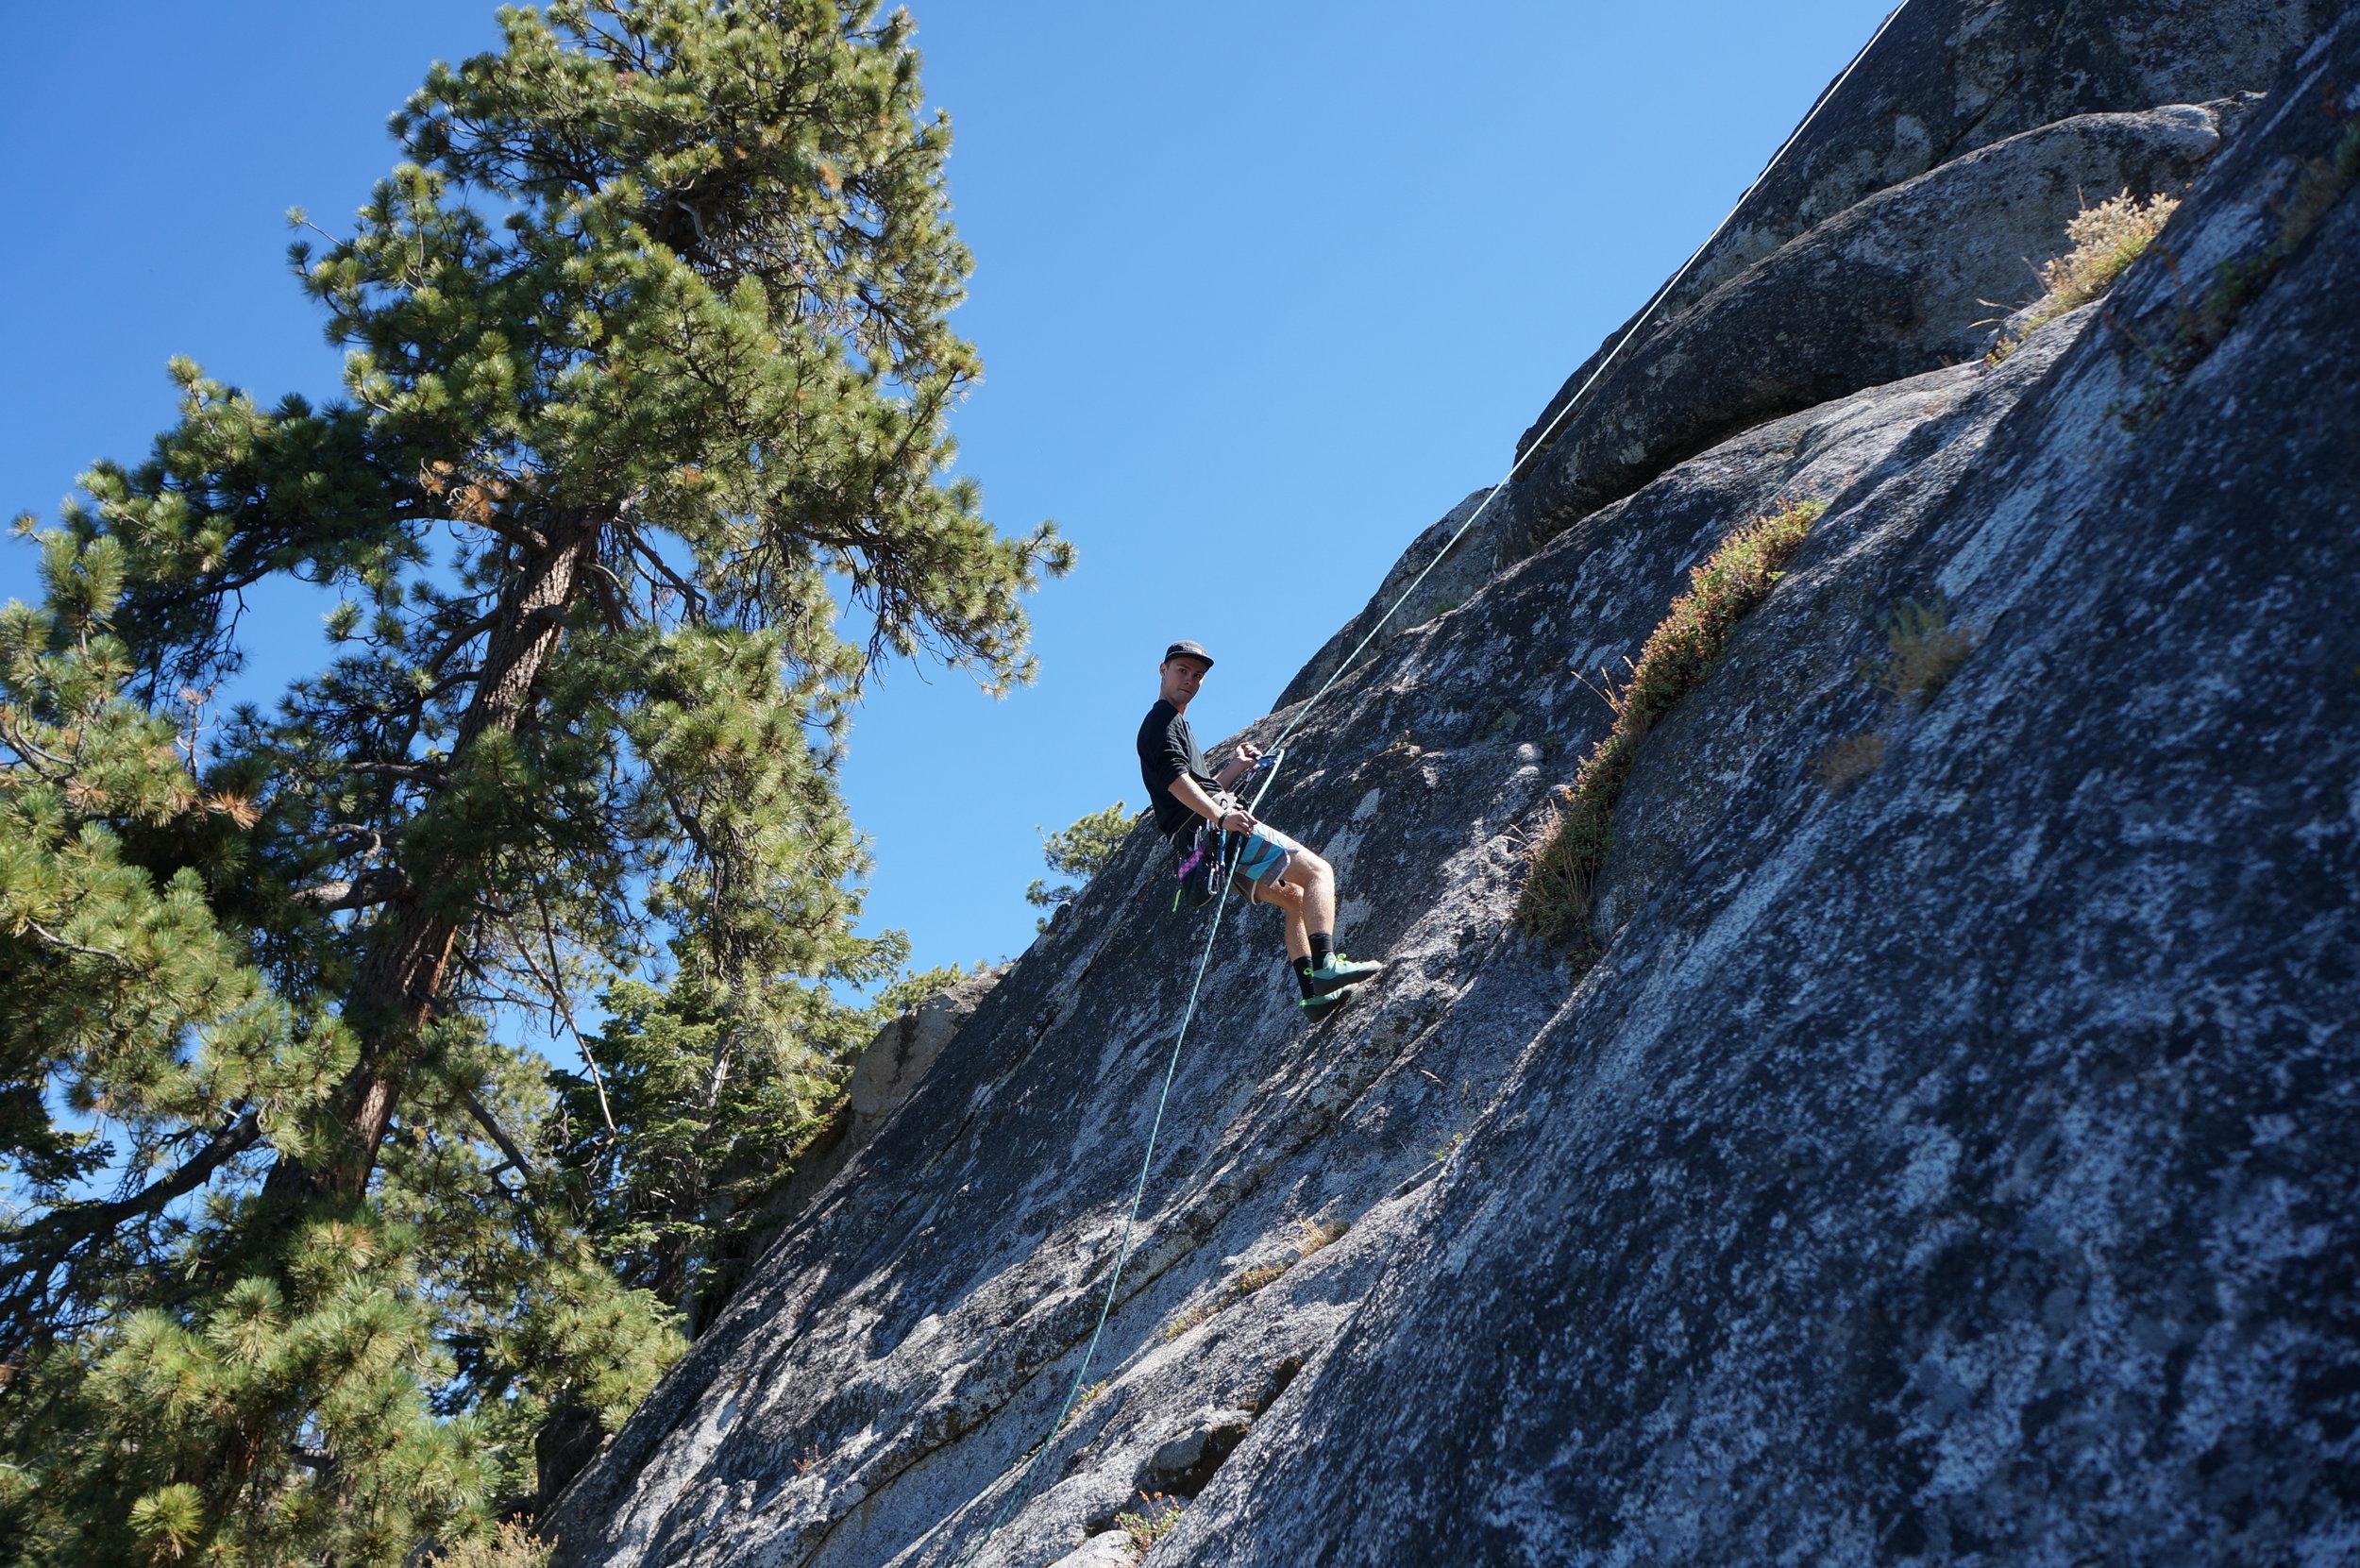 Climbing Active Sequoias California TravelActive2013-07-31 10.17.18Chad family  (1).jpg